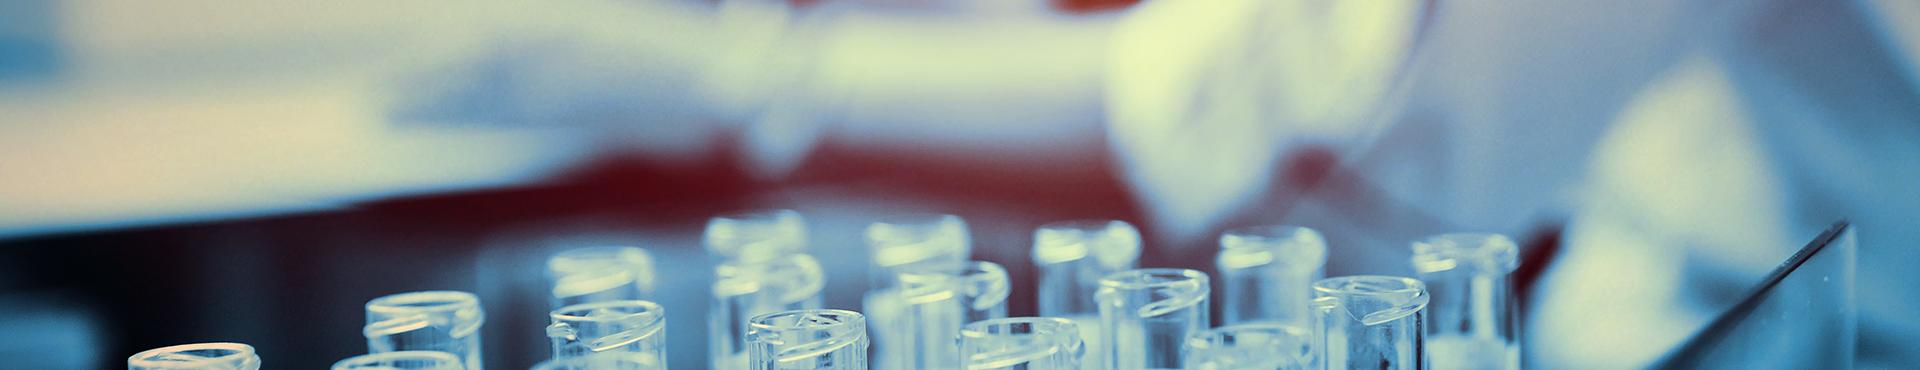 Digitalisierung von Prozessen in medizinischen Laboren